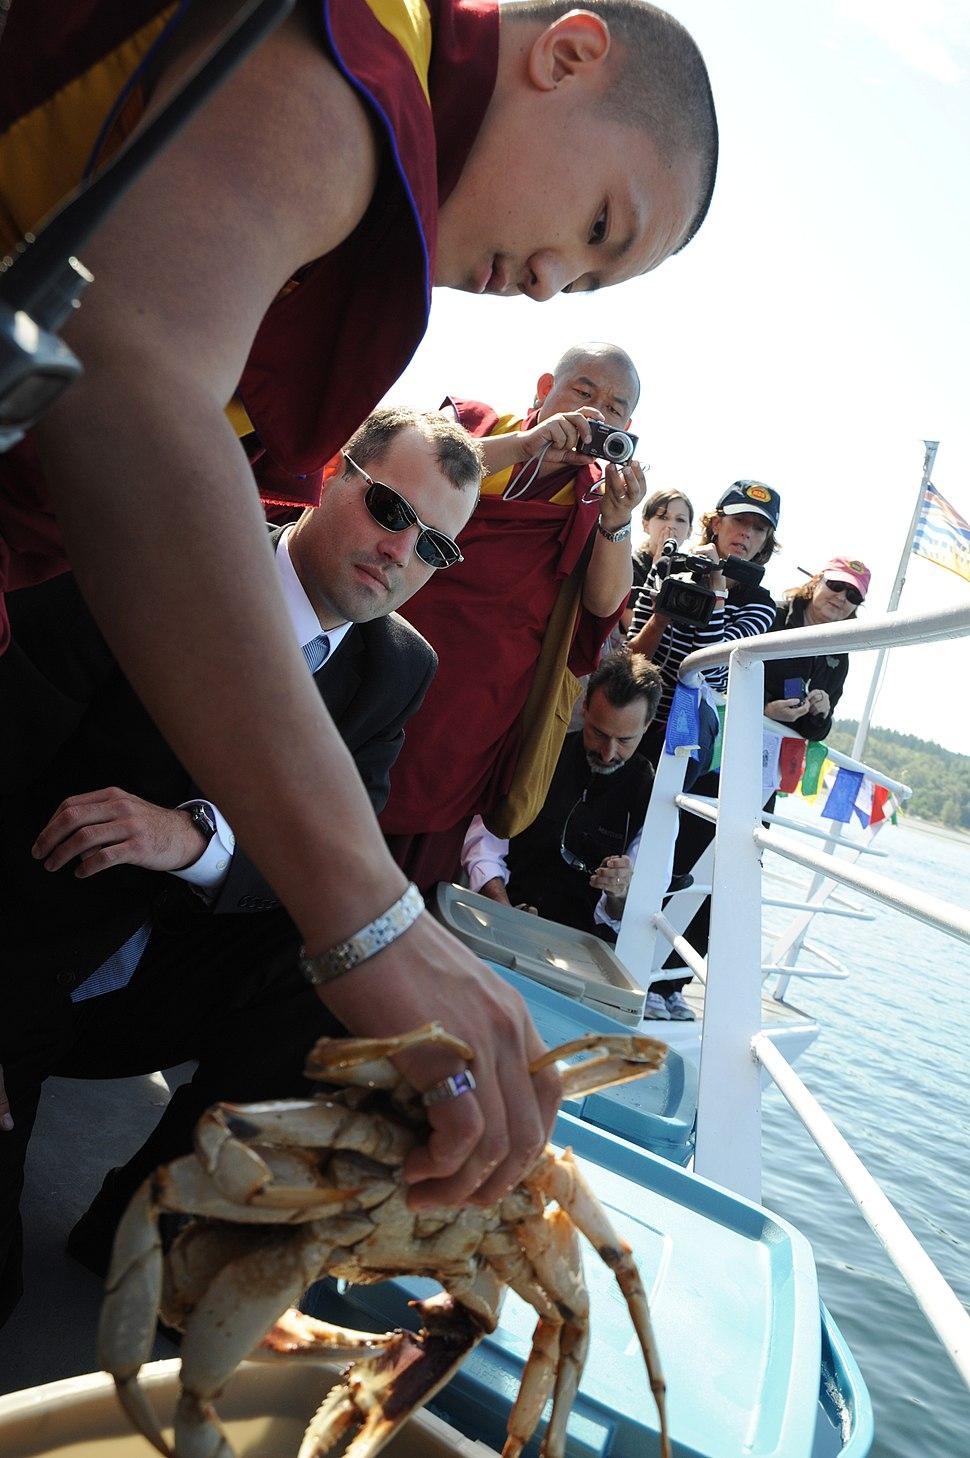 Tibetan monk releases a crab into the ocean